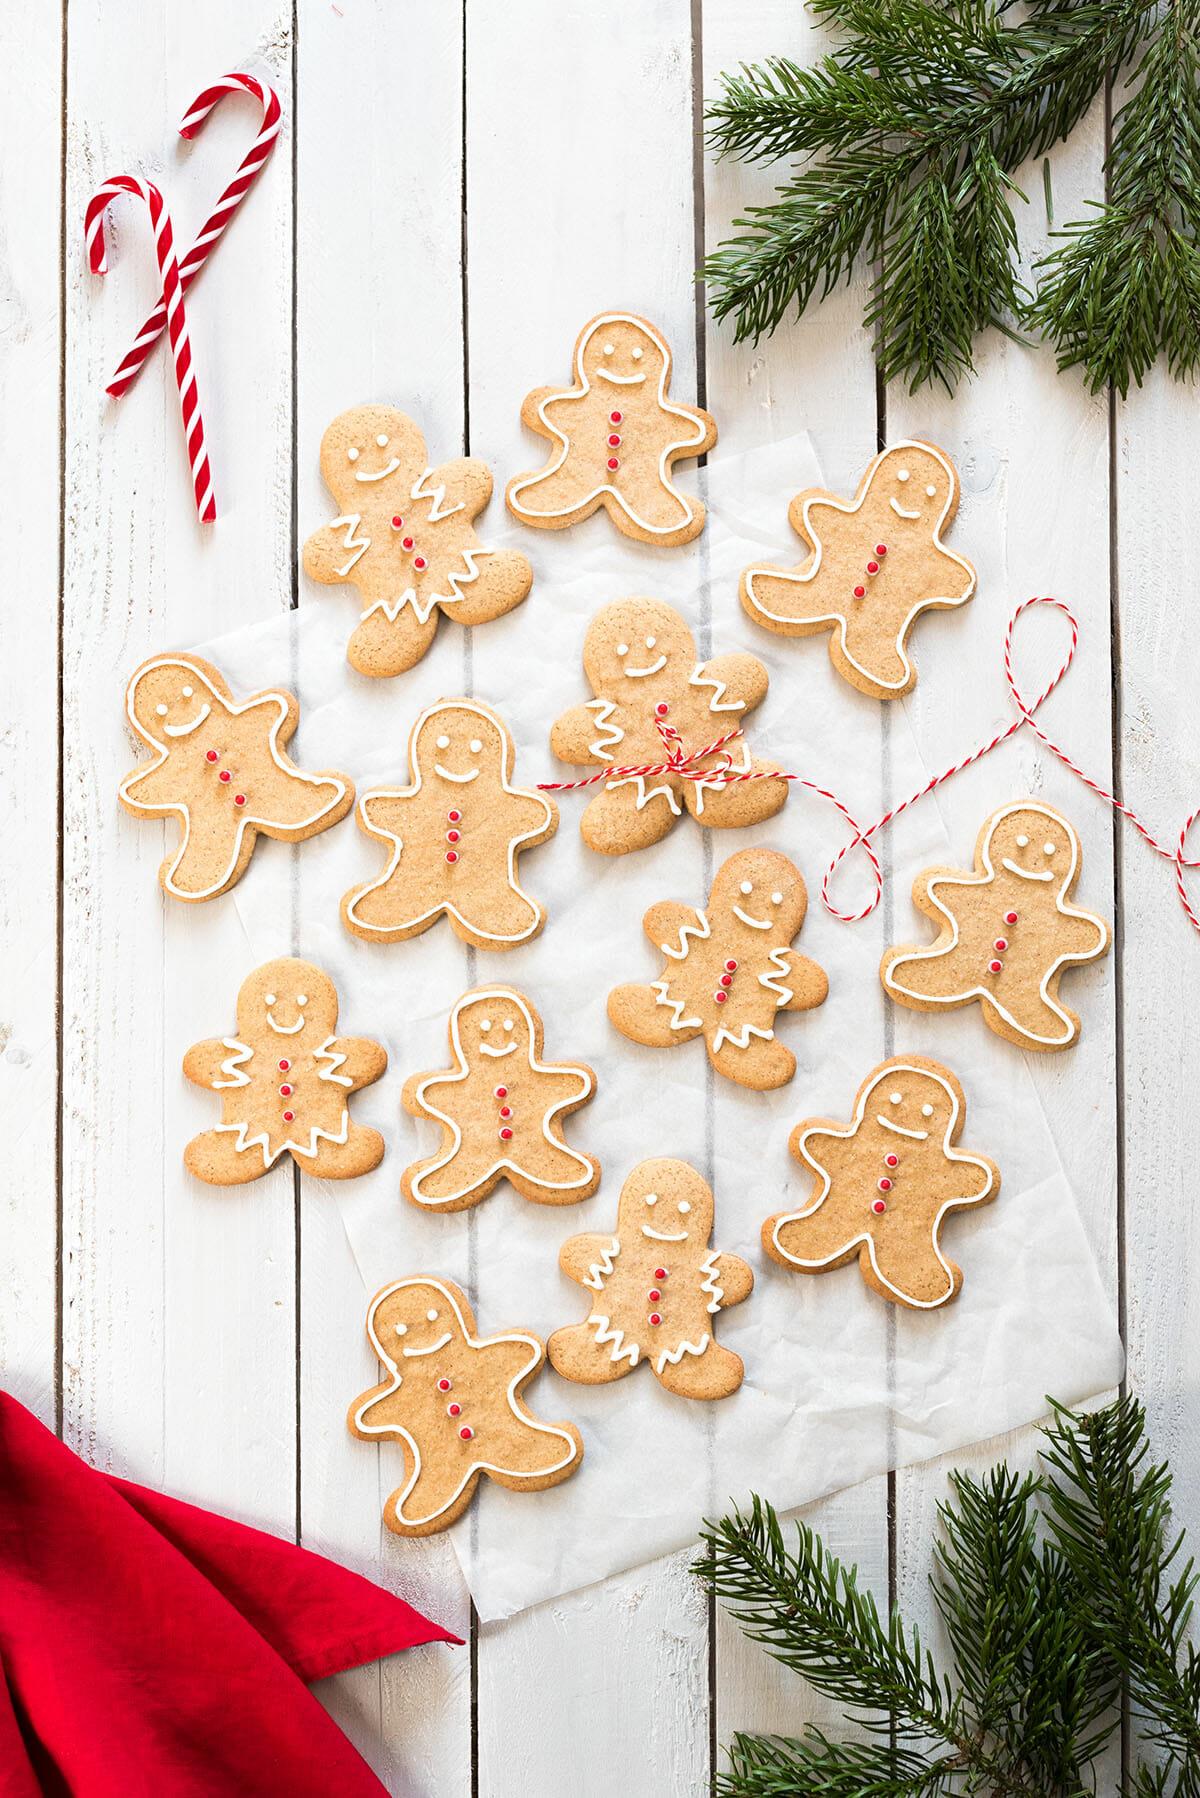 Decoration Biscuit Noel.Biscuits De Noël Au Pain D épices Gingerbread Cookies